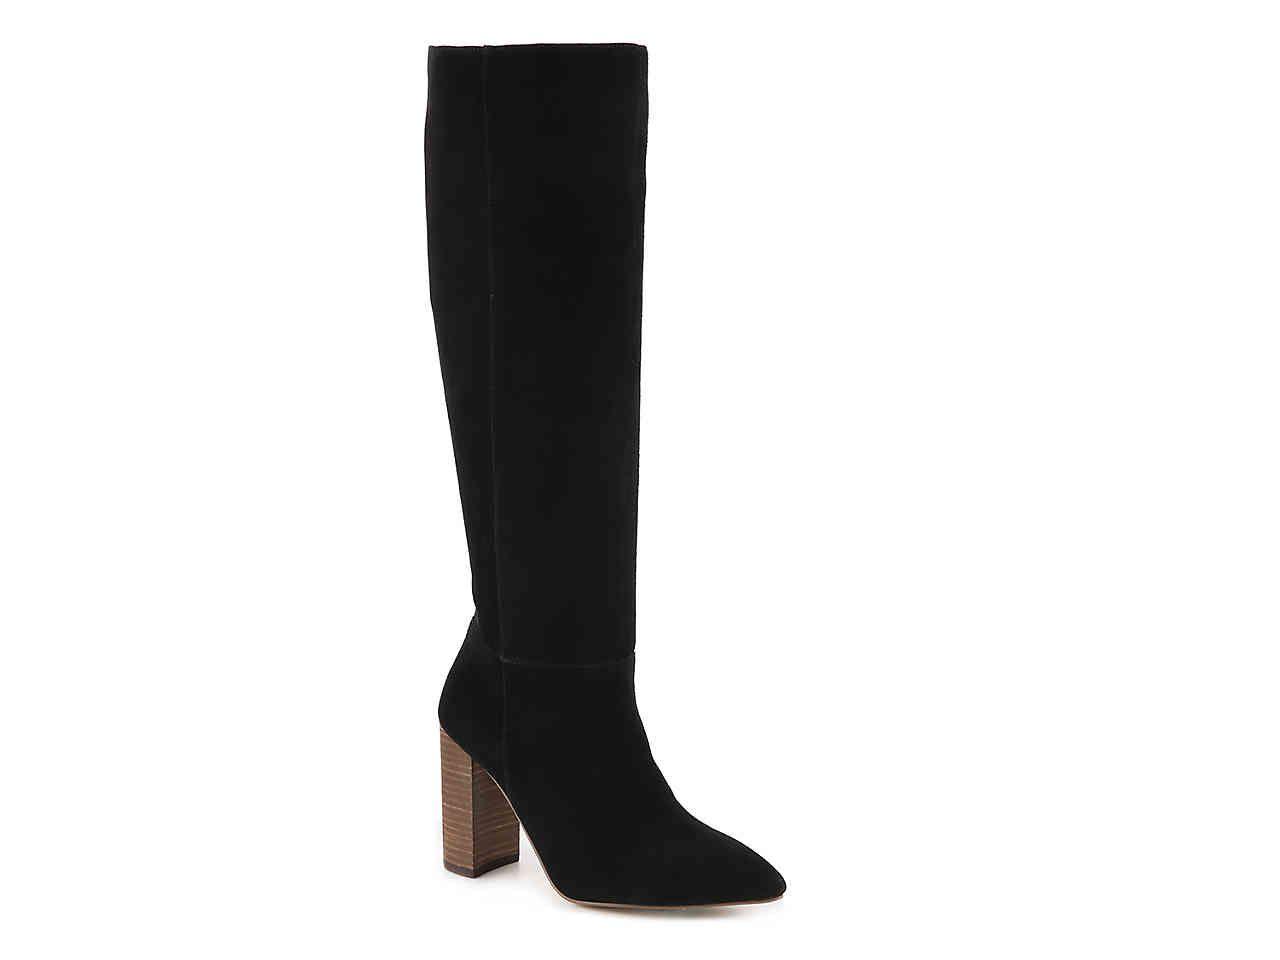 ec9acf2914a Steve Madden Fiela Boot Women s Shoes